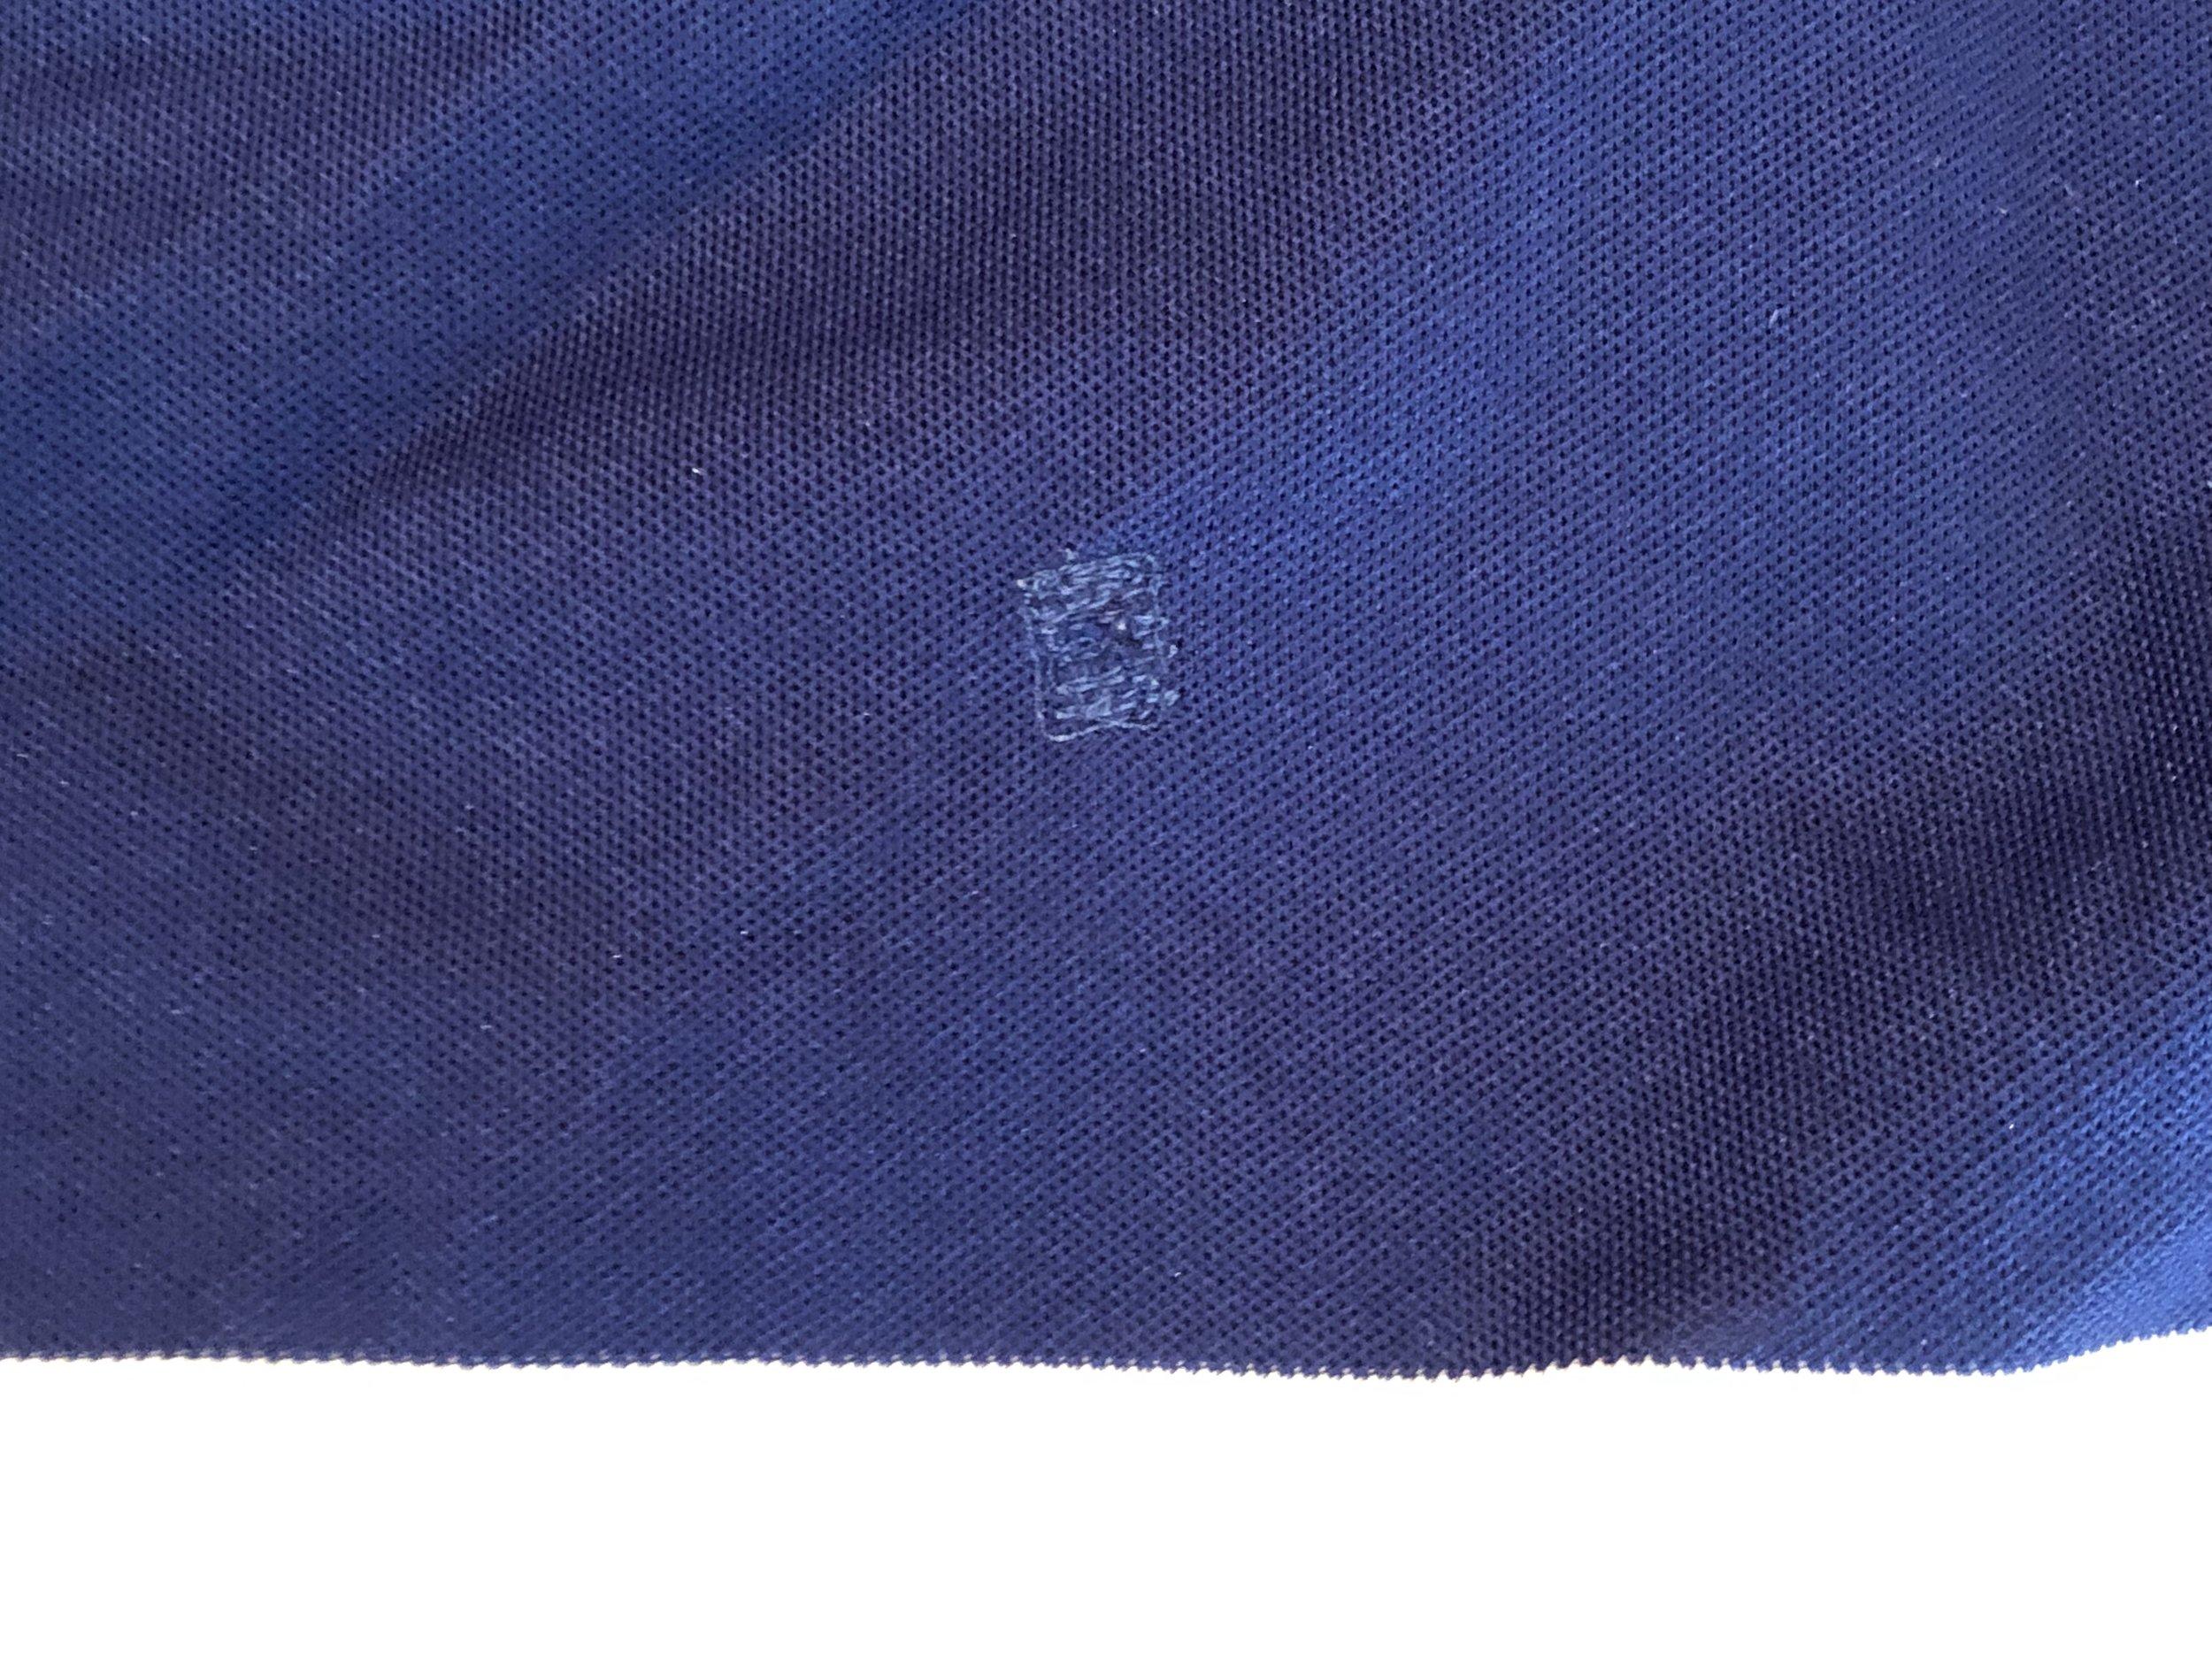 Jerseys-04.jpg